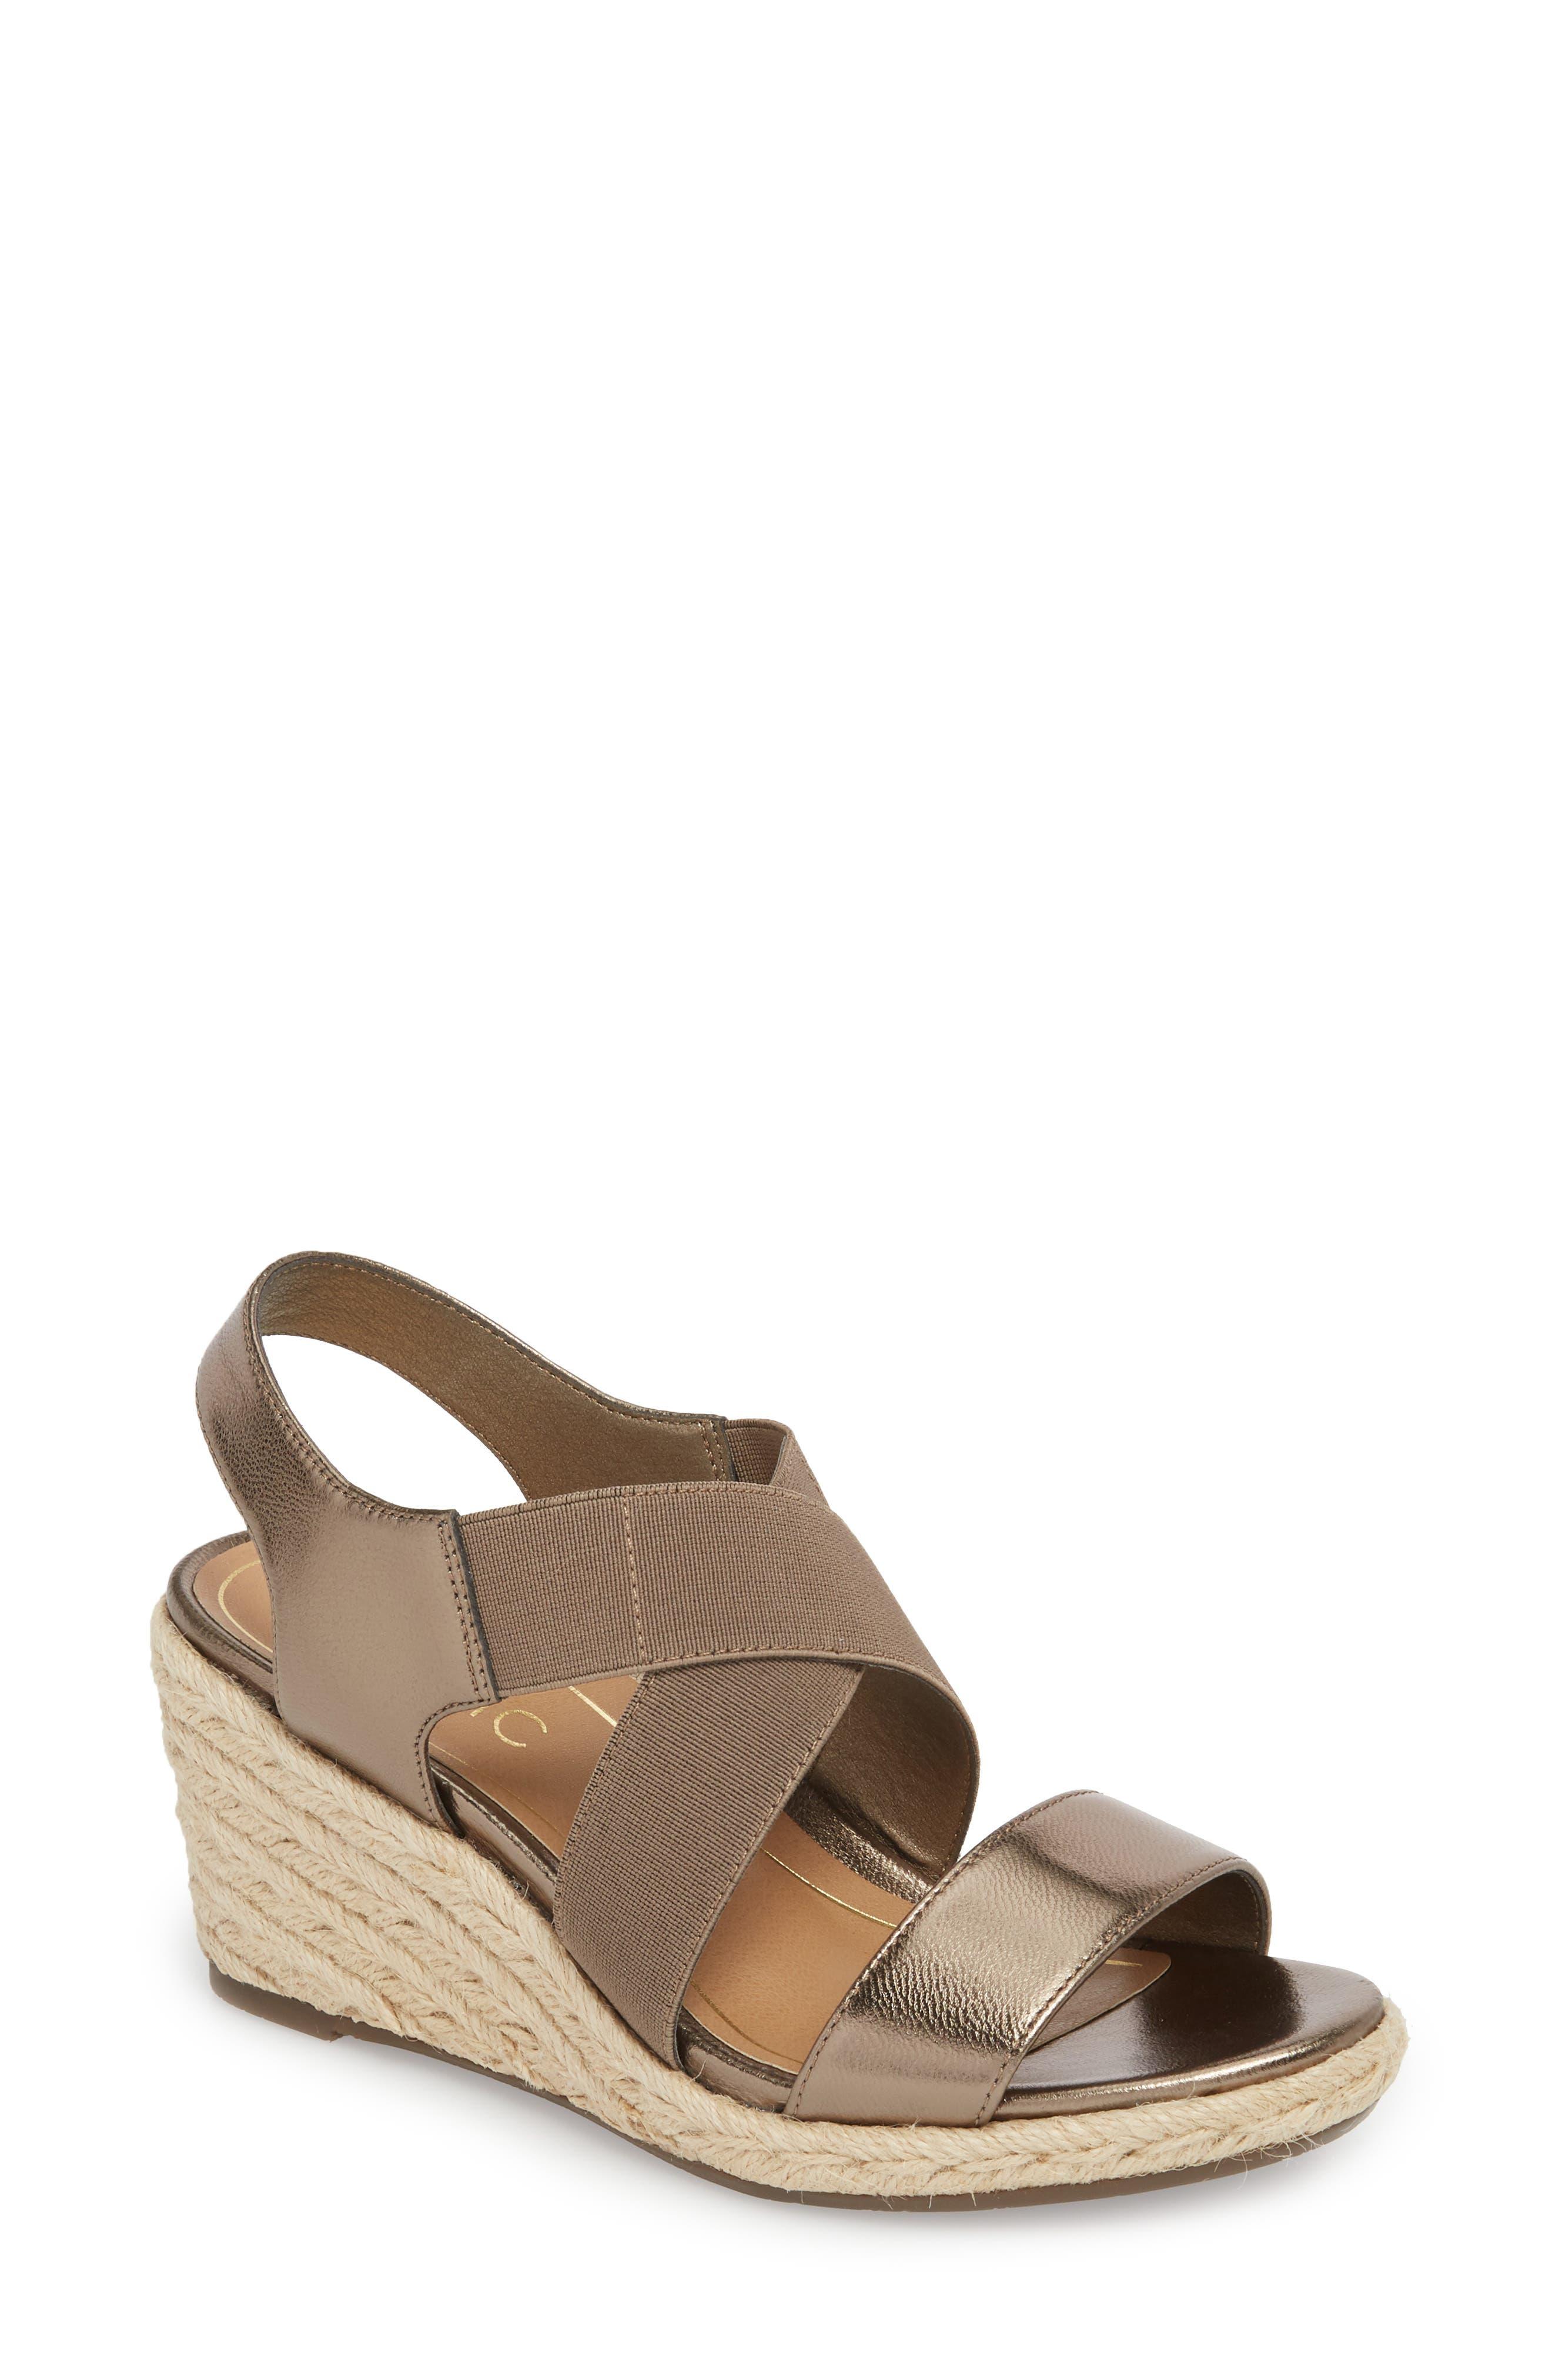 Vionic Women's Ainsleigh Wedge Sandal qmtV15dMzU